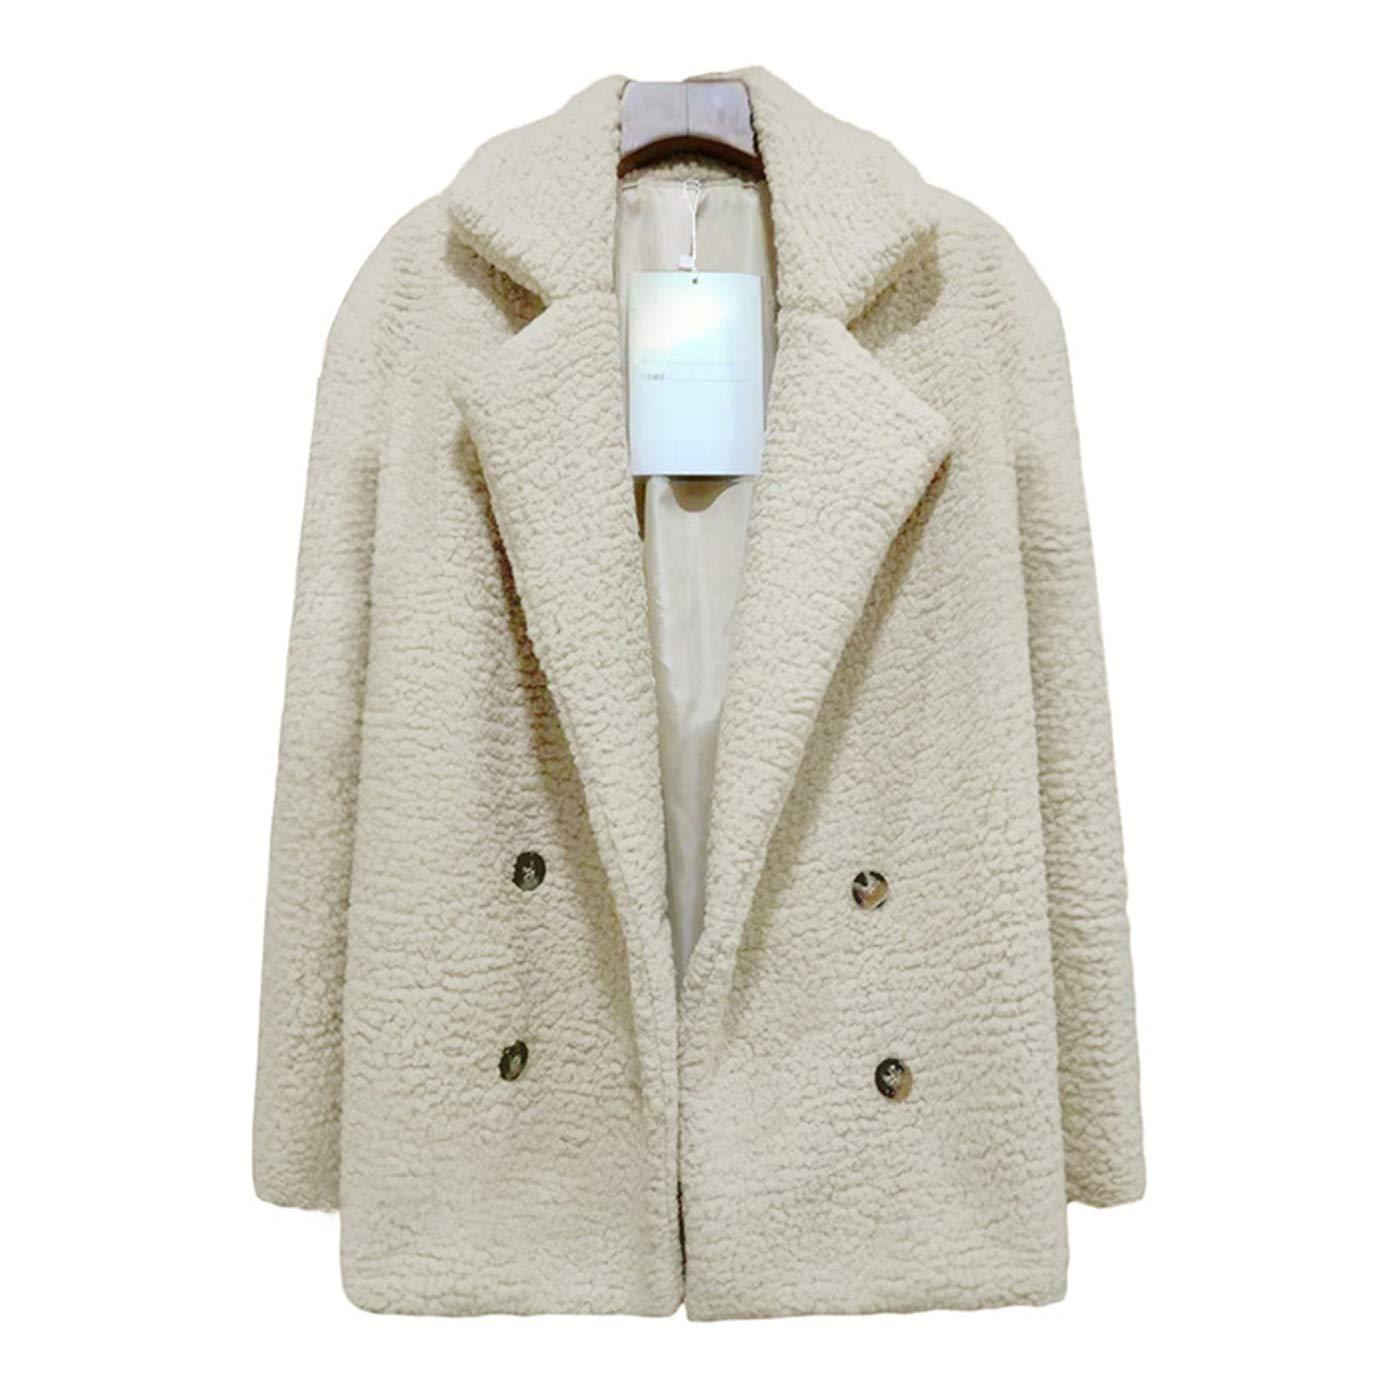 Taopleker Women Fleece Open Front Coat Lapel Neck Button Down Outwear Coat